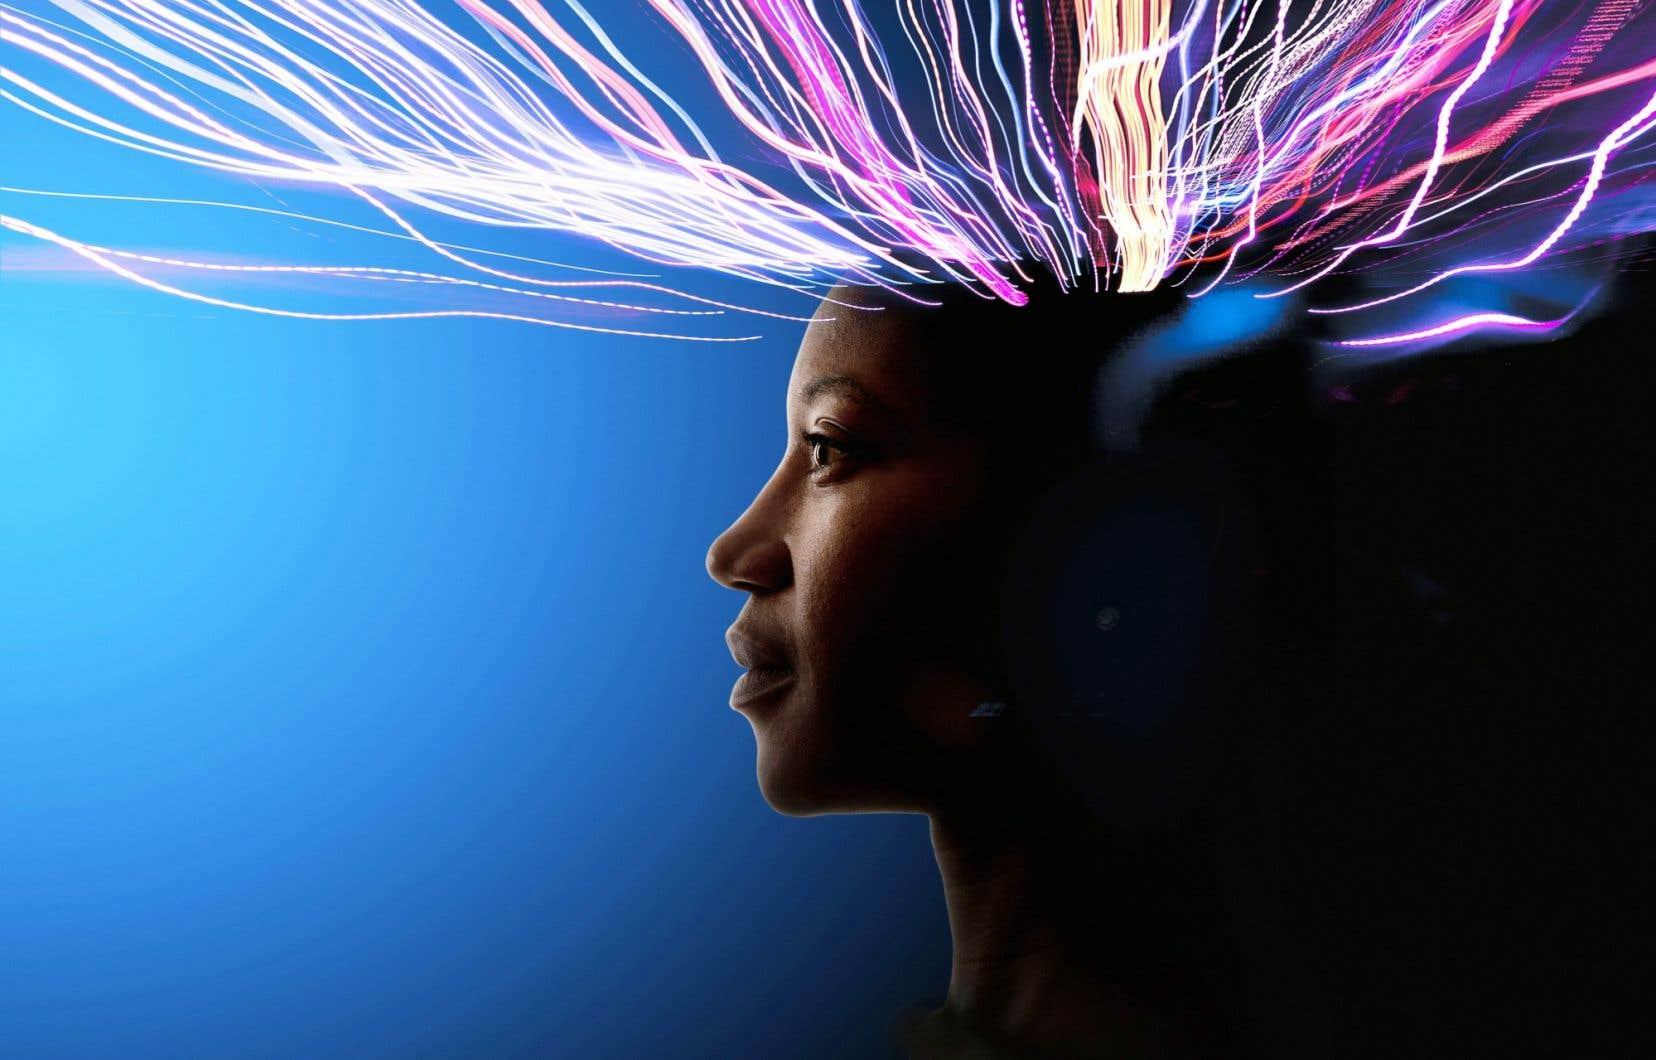 La synesthésie serait comme un sixième sens qui ne touche qu'entre 1 % et 3 % de la population.